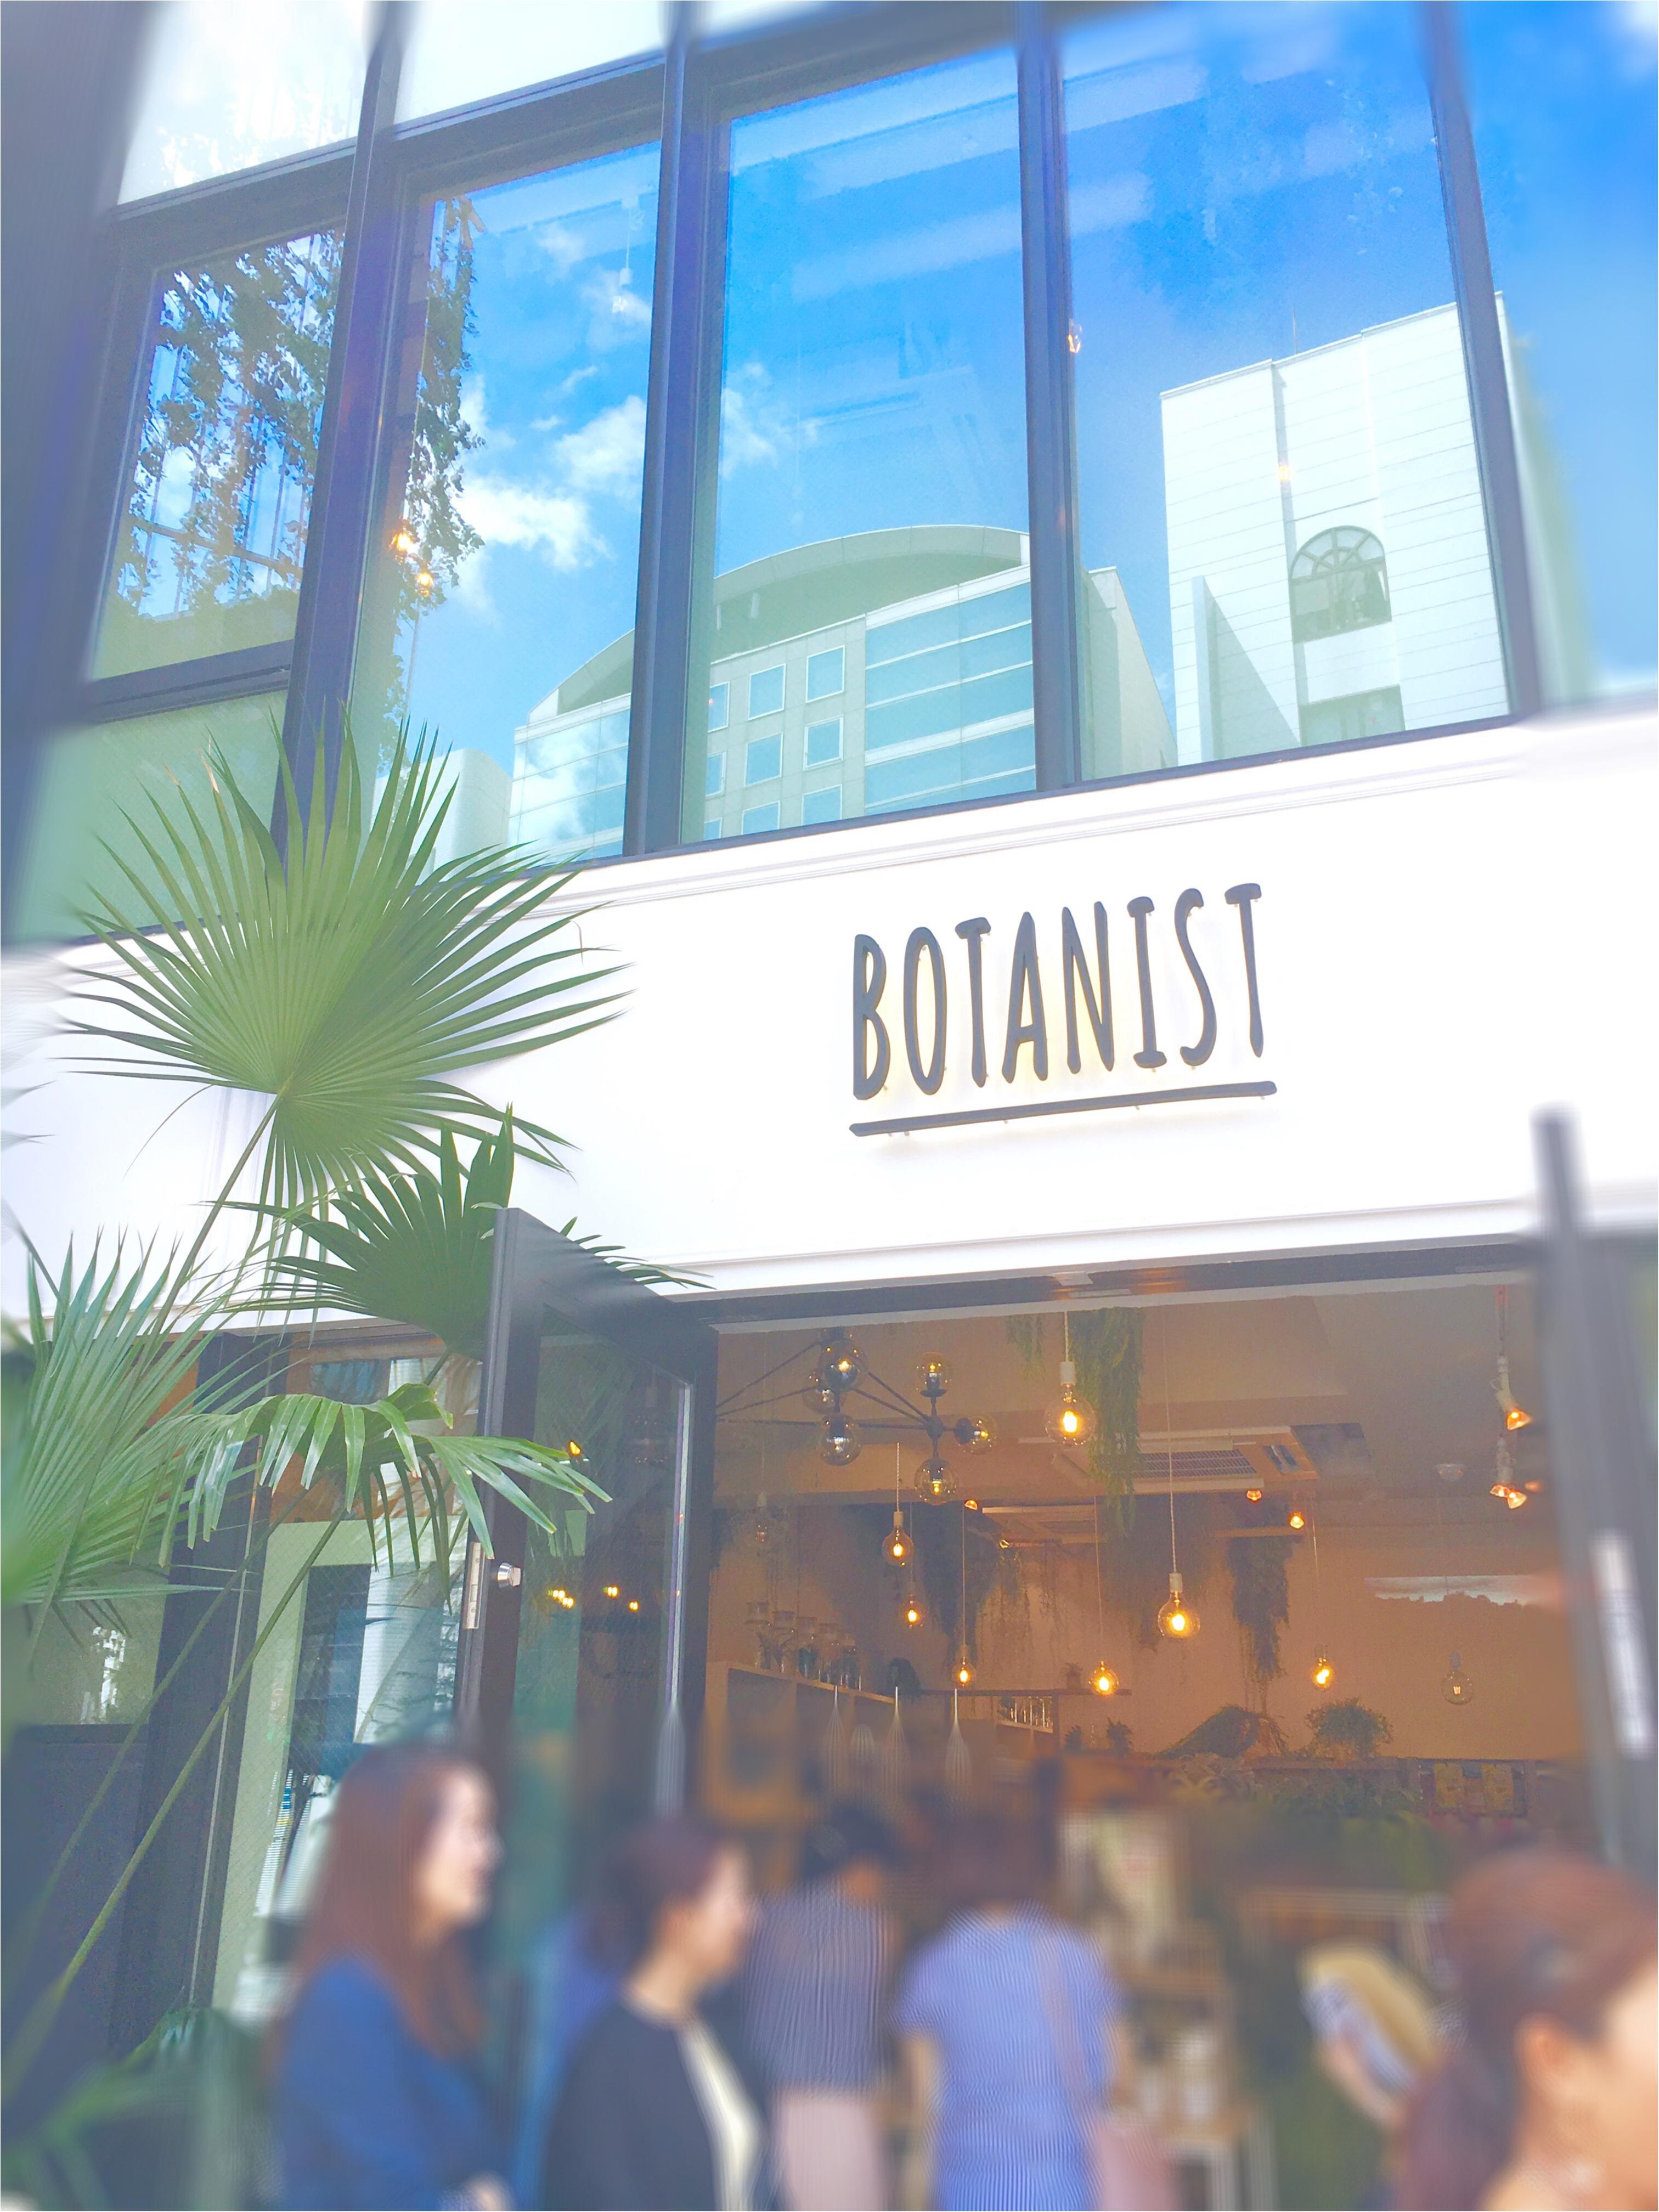 ついに明日オープン!初のフラッグシップショップ【BOTANIST Tokyo】を一足お先にチェックしてきました❤️_1